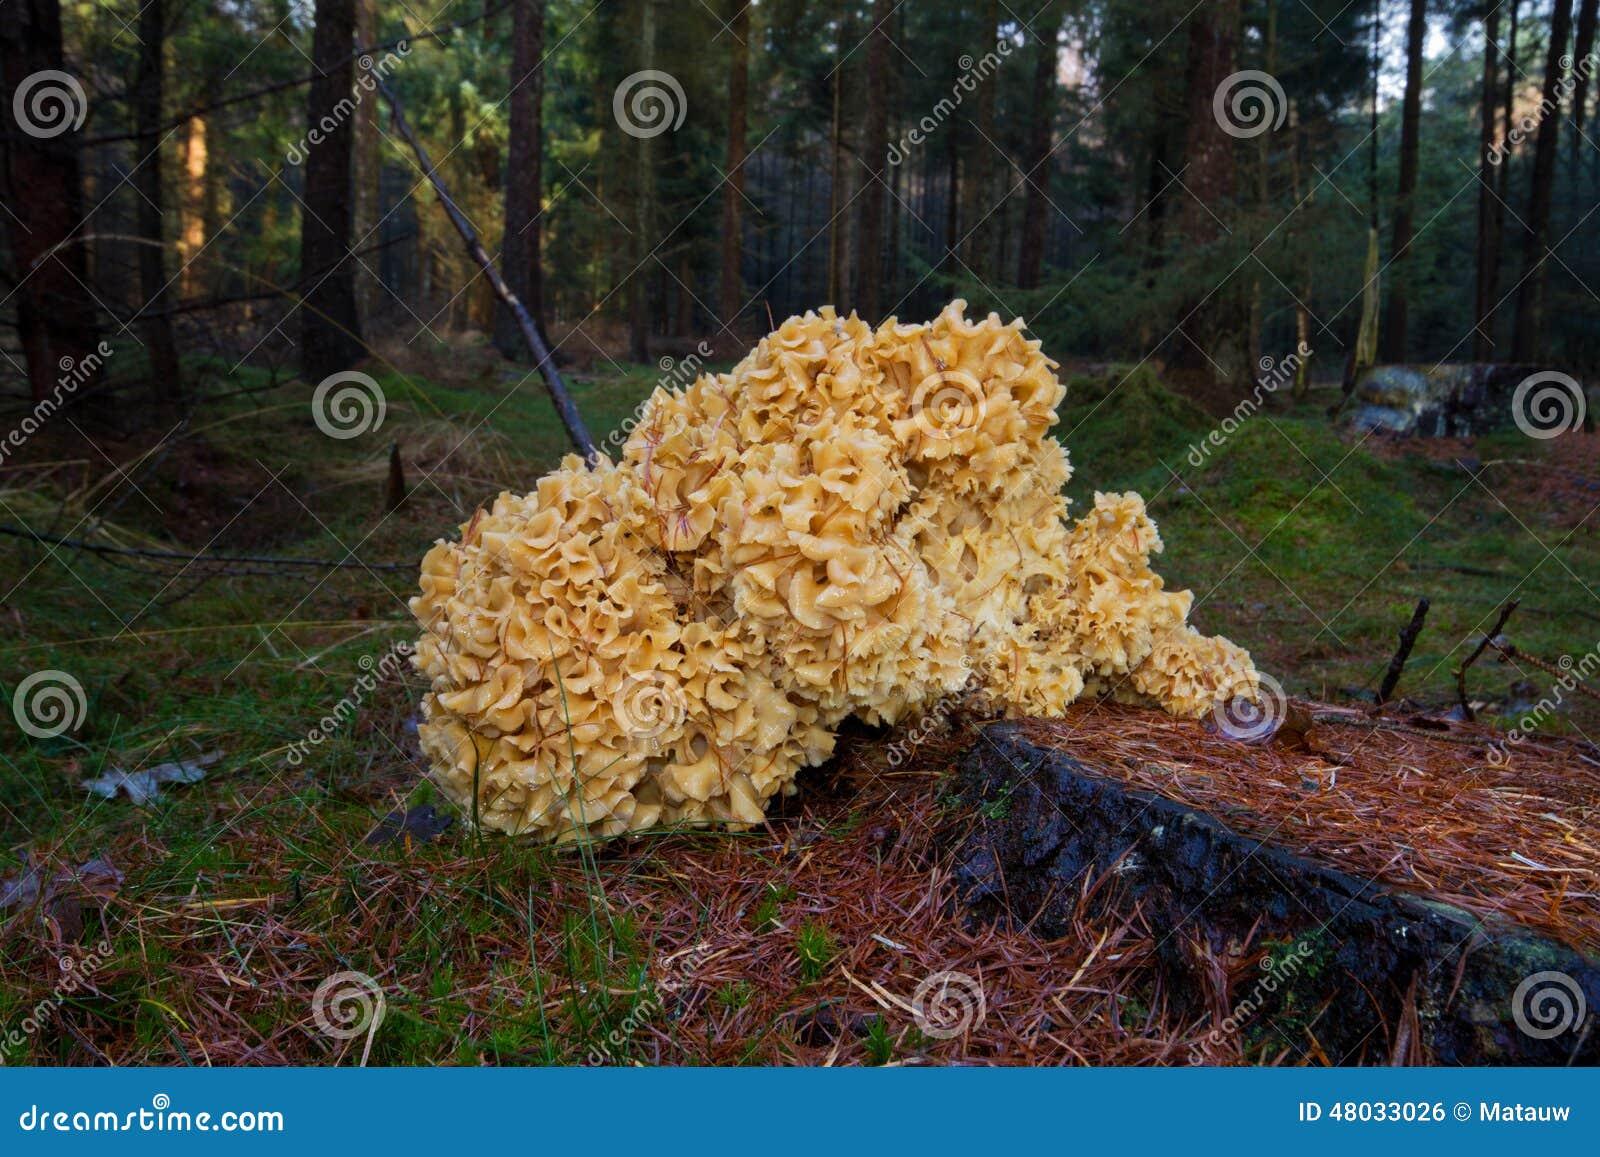 Attractive champignon choux fleur comestible 4 champignon chou fleur - Pomme de terre germee comestible ...